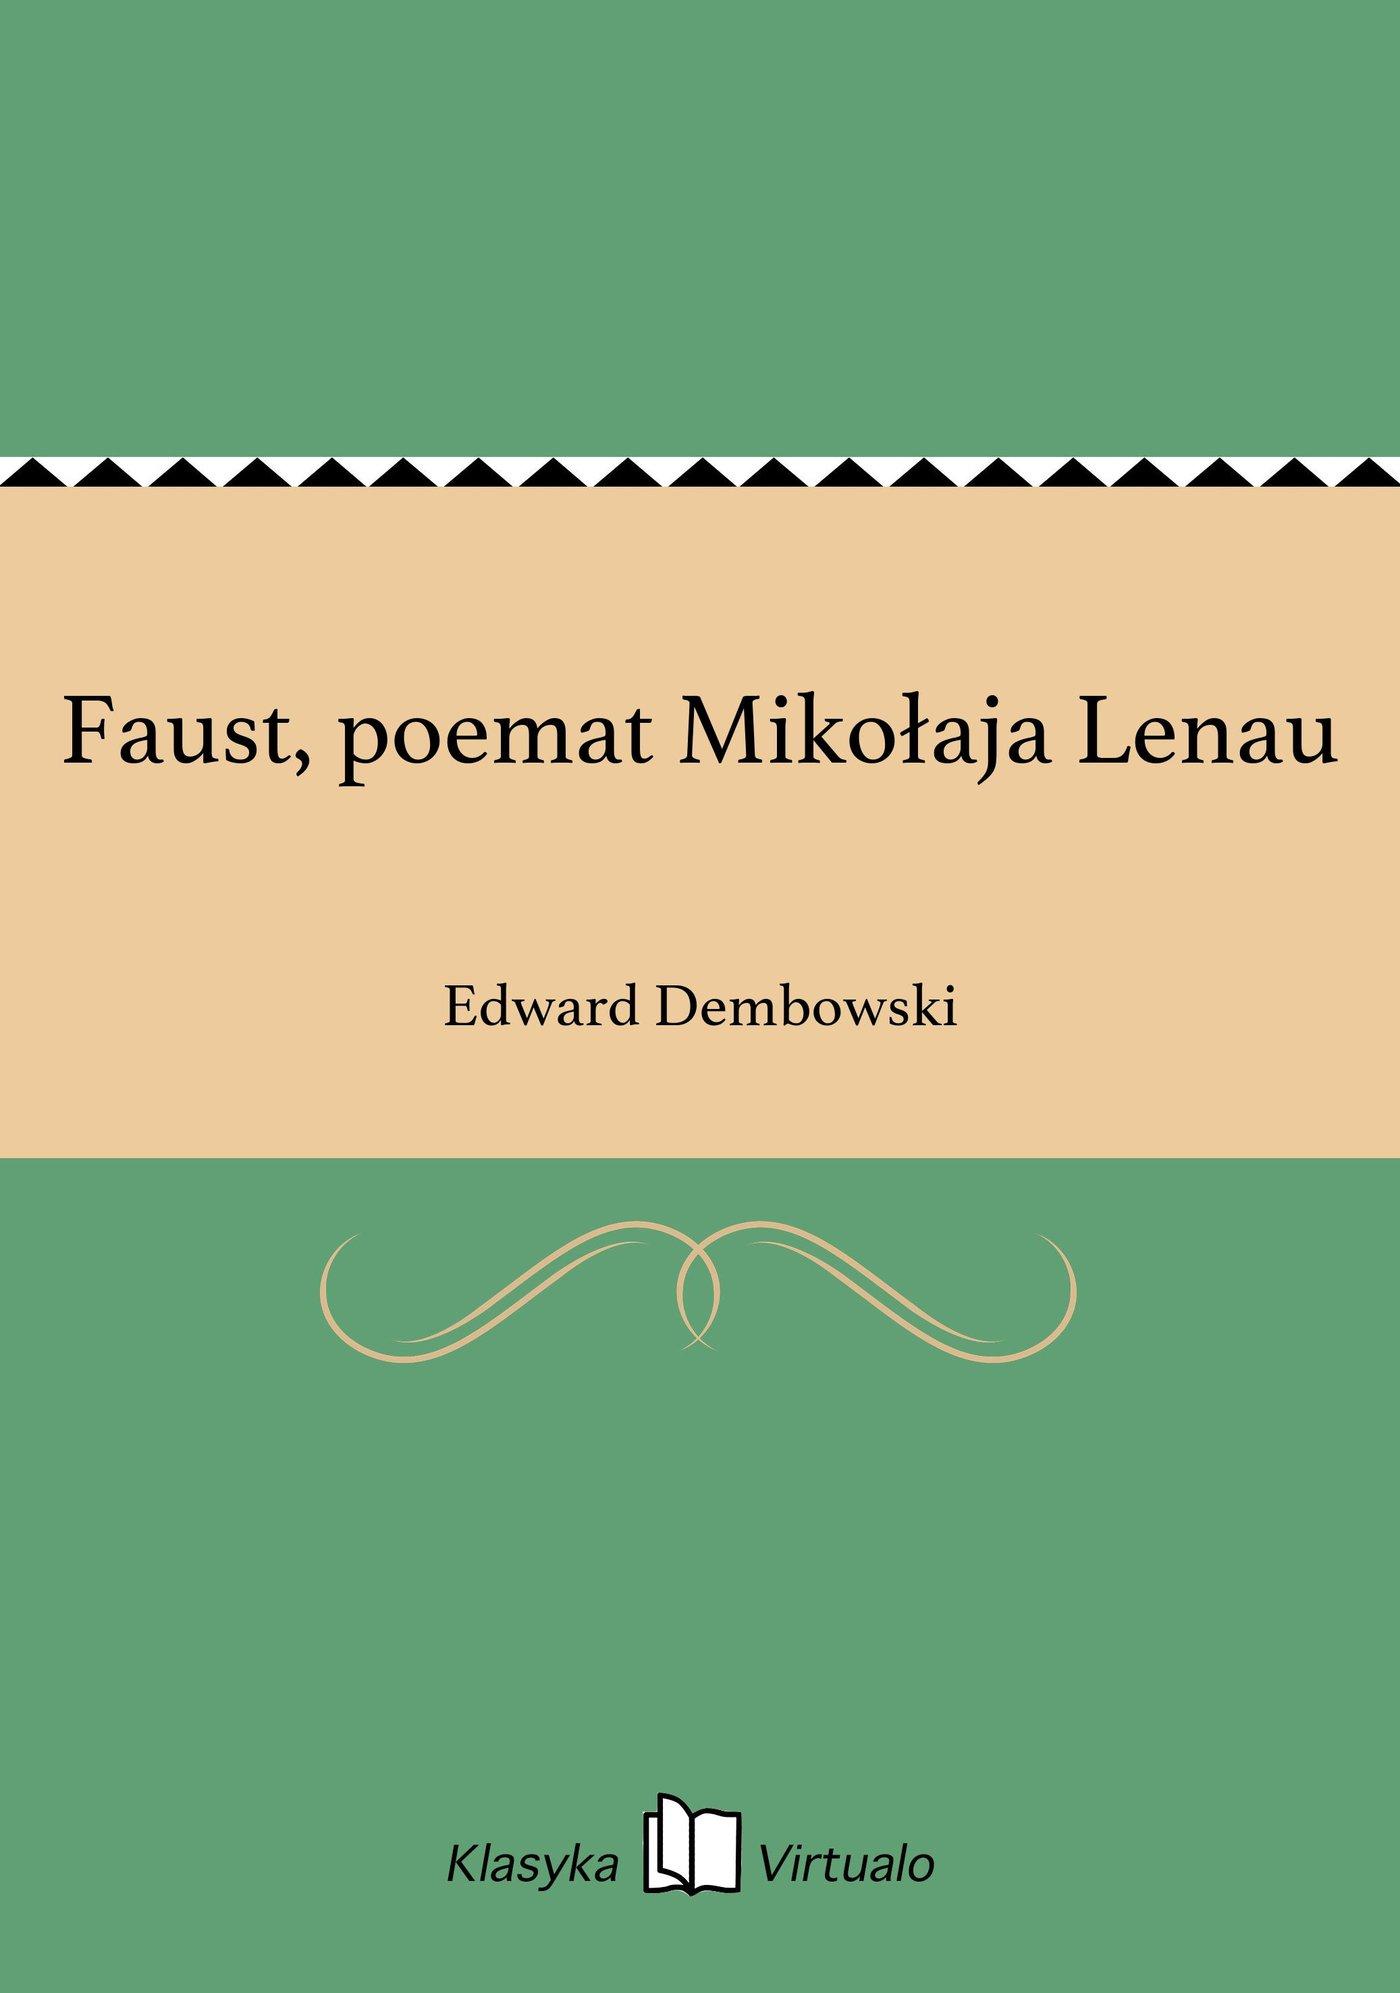 Faust, poemat Mikołaja Lenau - Ebook (Książka EPUB) do pobrania w formacie EPUB